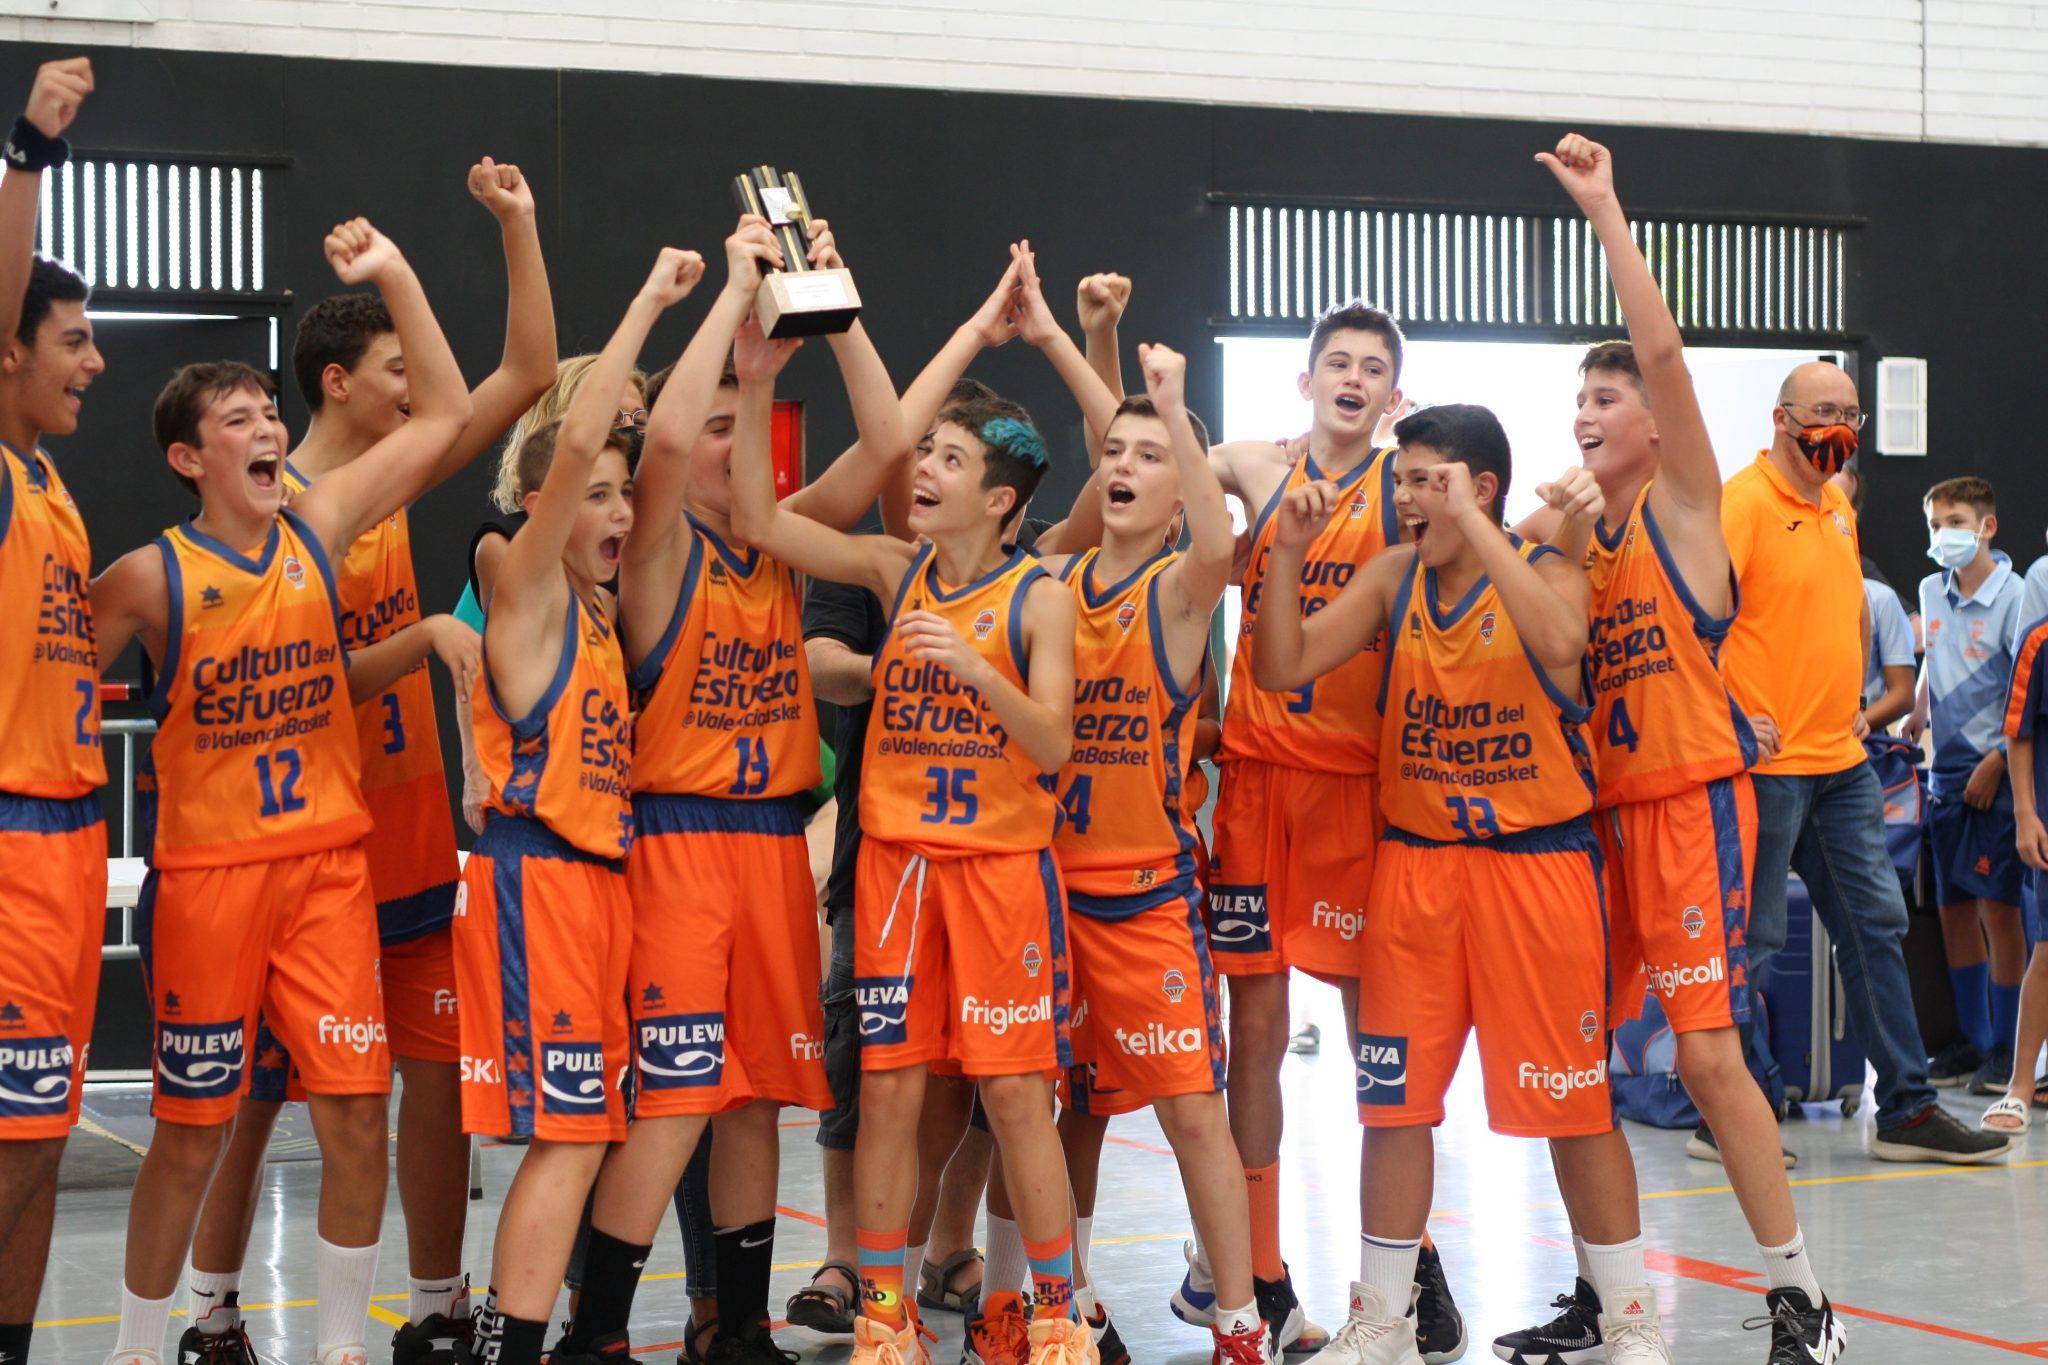 Valencia y Sant Adrià, intocables en el Torneo U13 de Vilafant